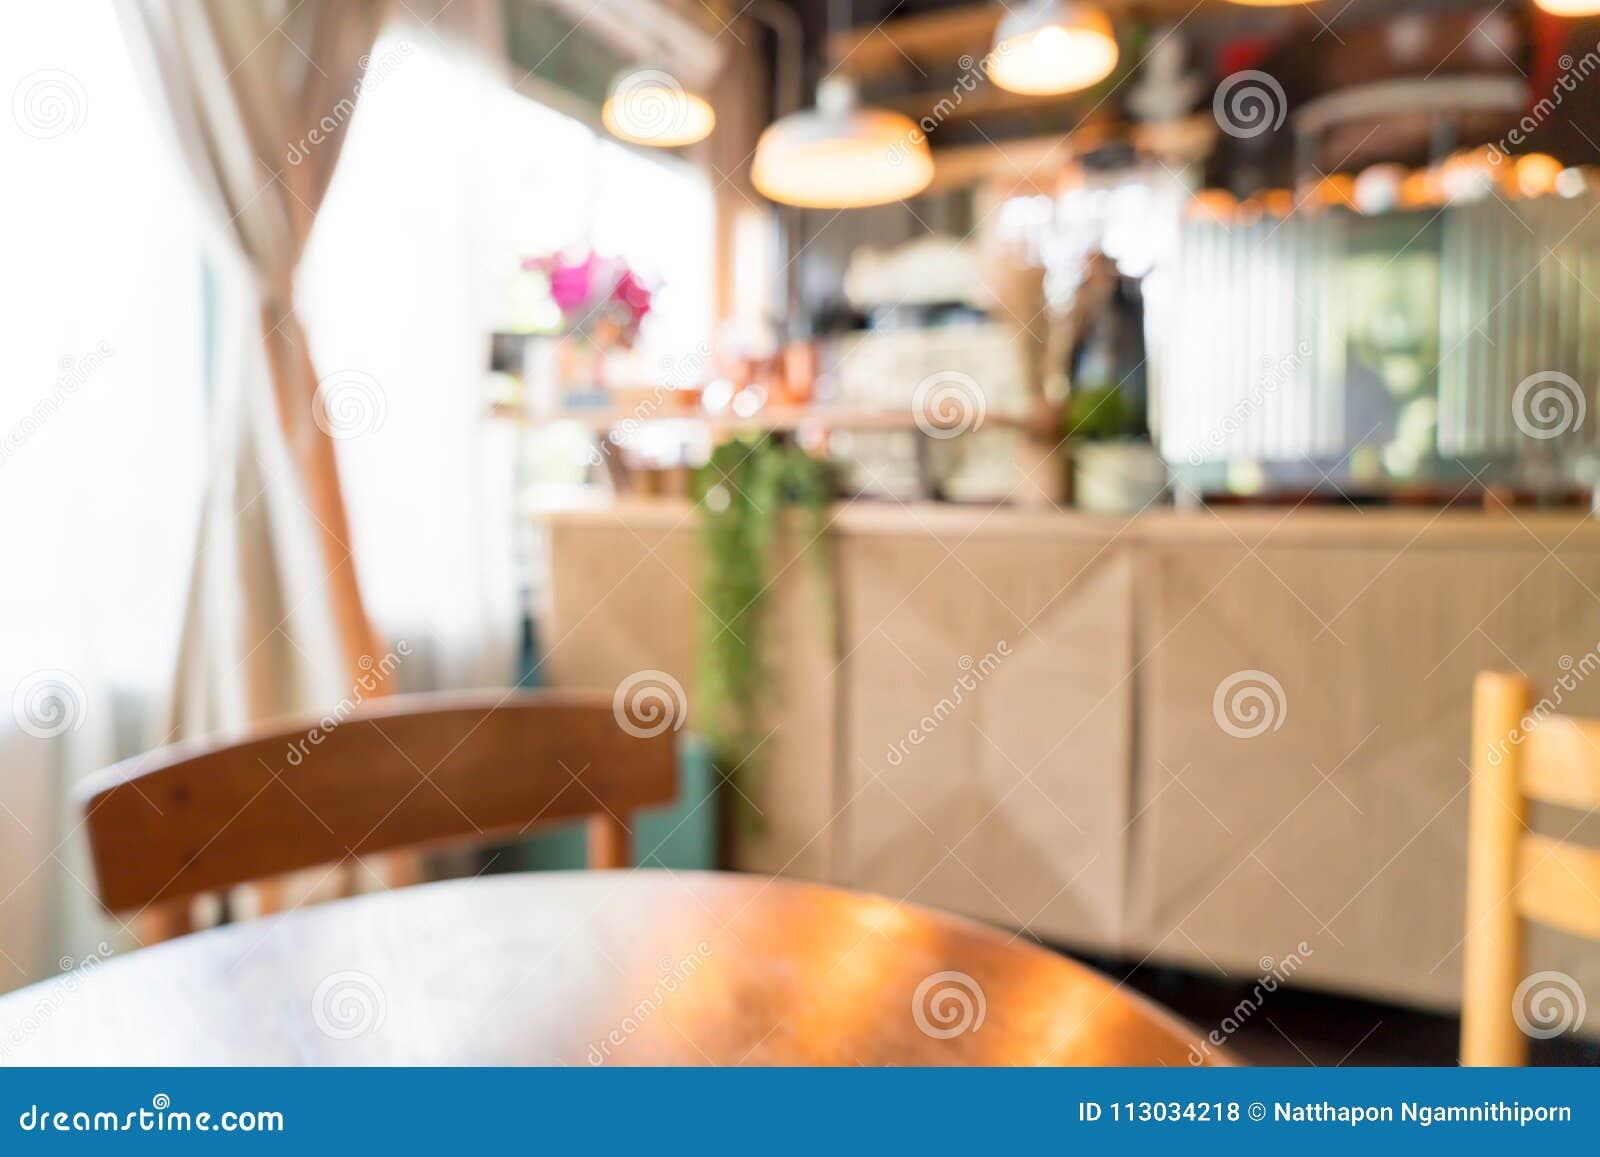 Falta de definición abstracta en café